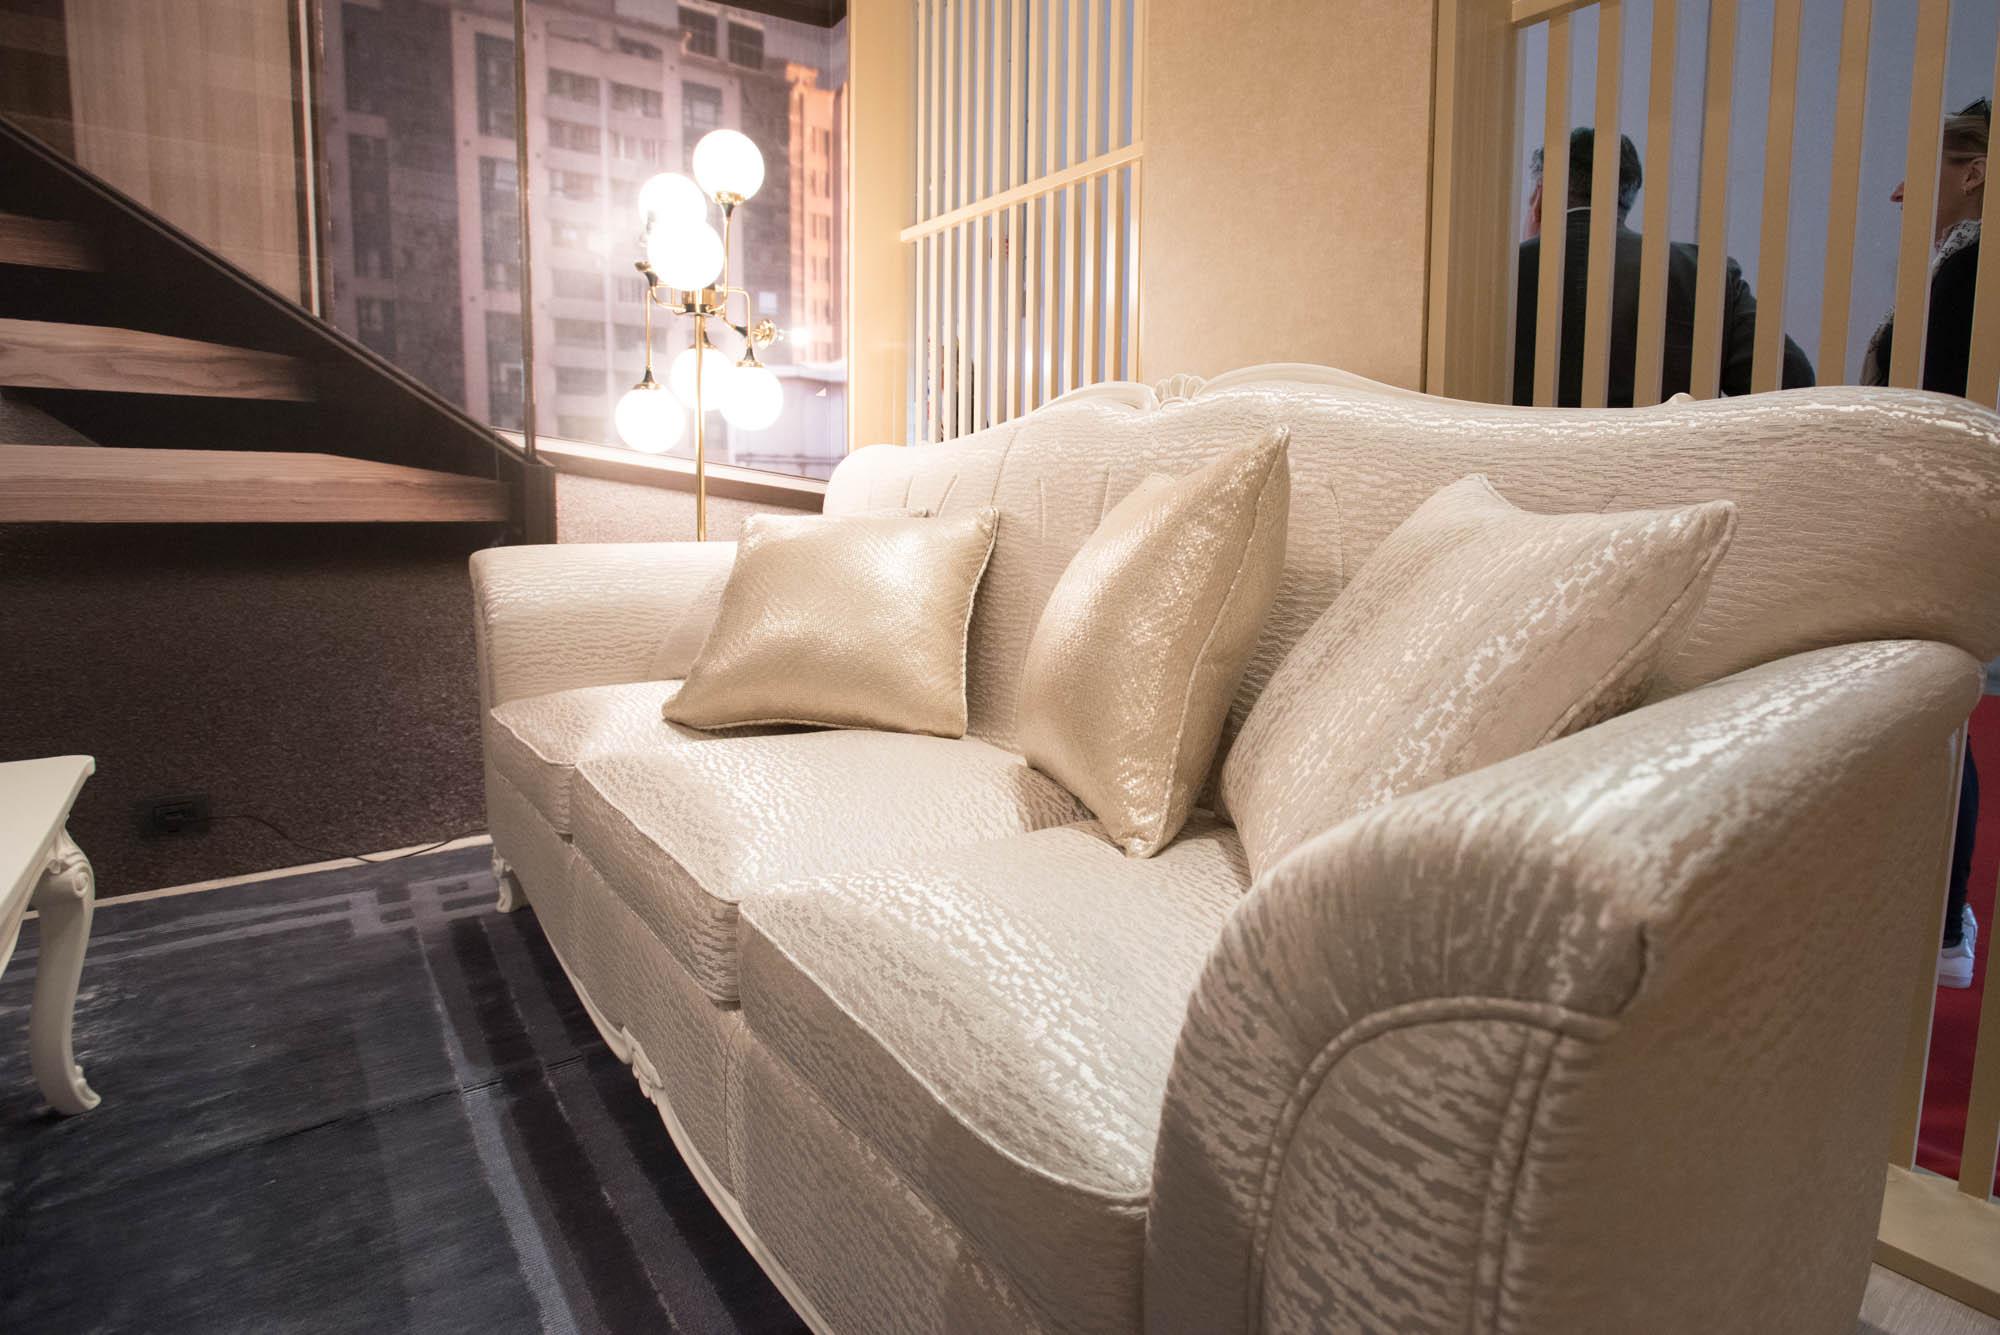 Tendenze arredamento 2017 divani e soggiorni il meglio for Arredamento divani